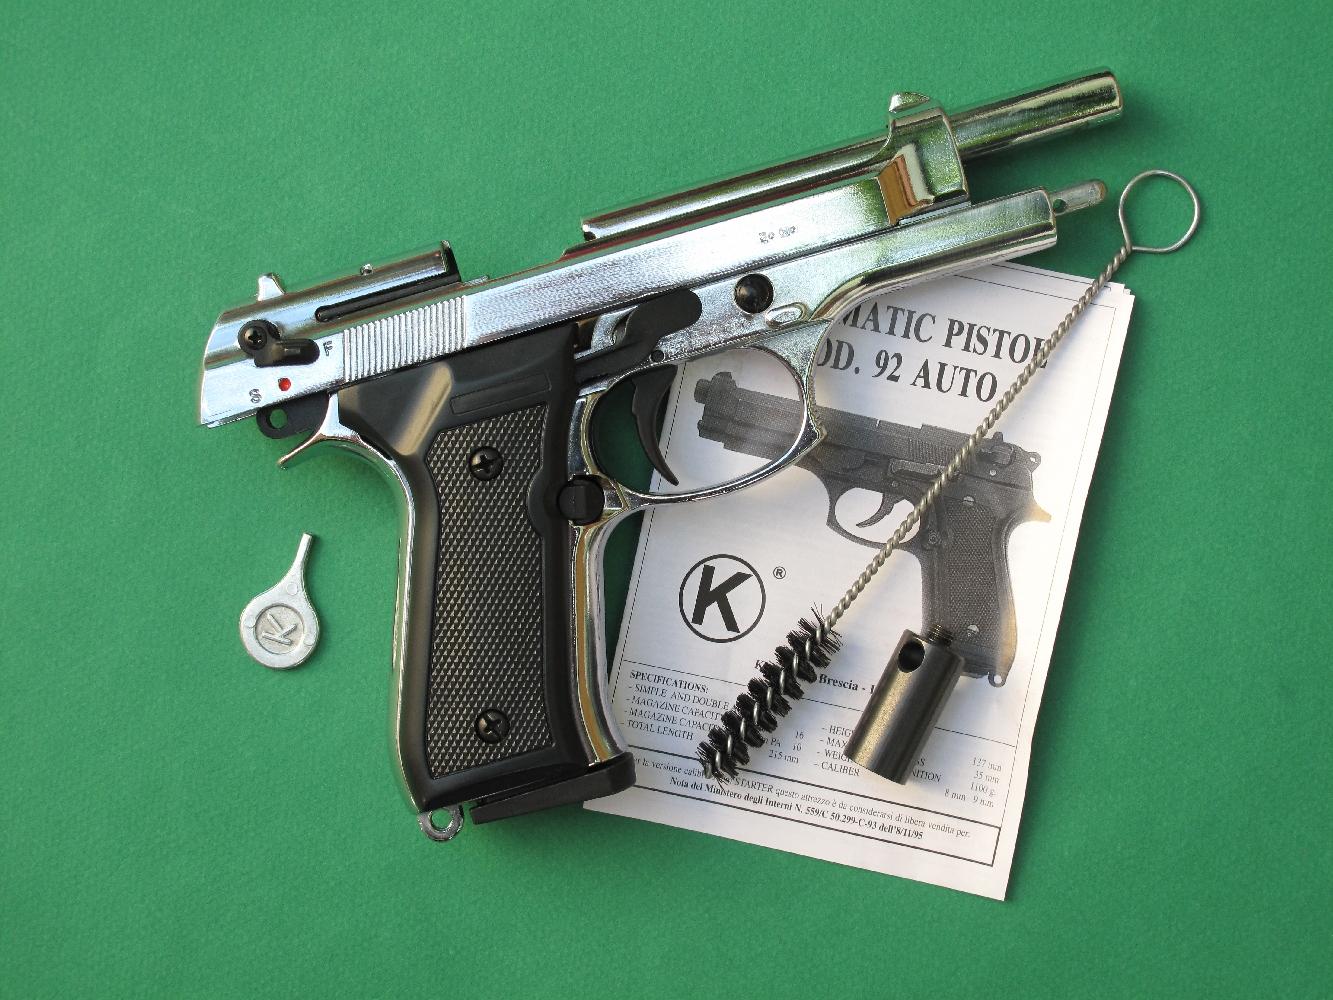 essai armes pistolet d alarme kimar mod le 92 copie du beretta 92. Black Bedroom Furniture Sets. Home Design Ideas